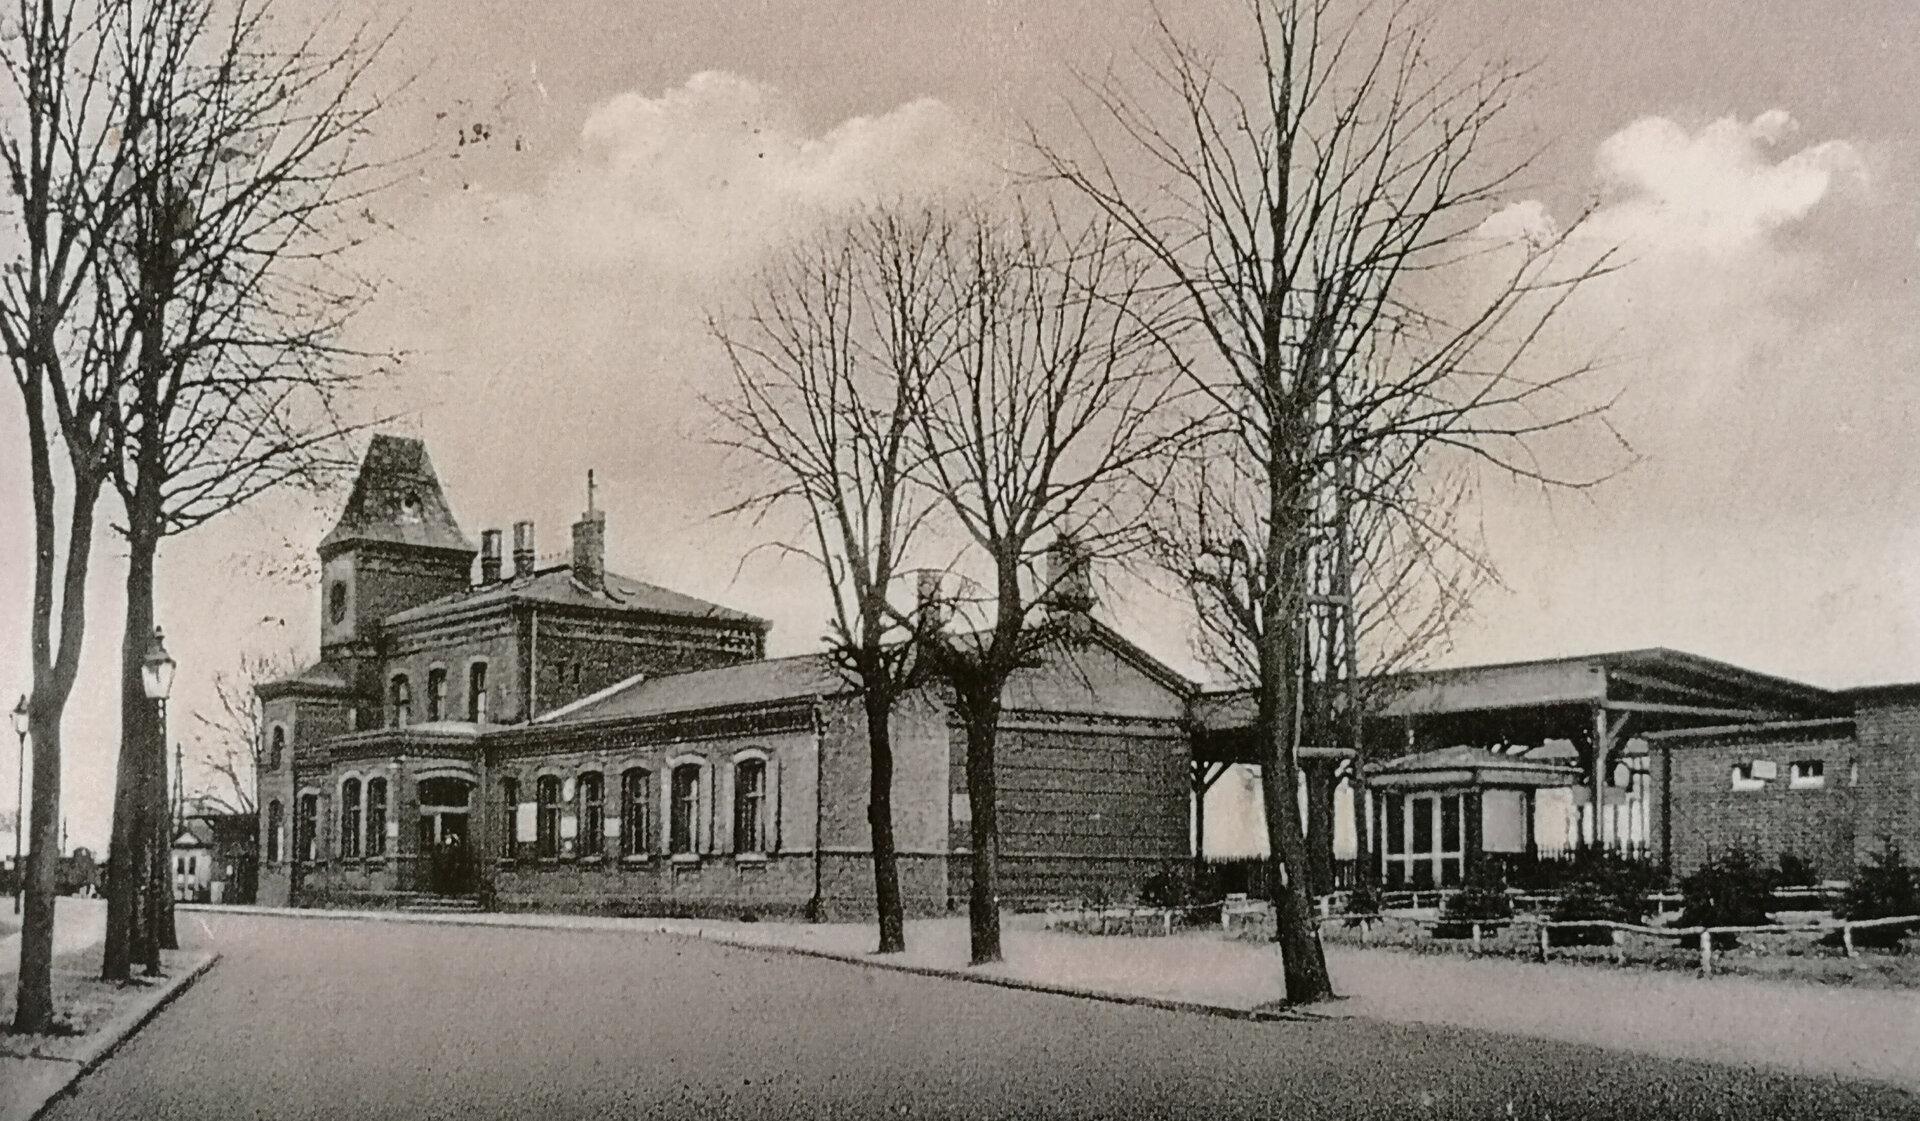 Der Bahnhof von 1885 wurde am 15. April 1945 dem Erdboden gleichgemacht. Quelle: Museum